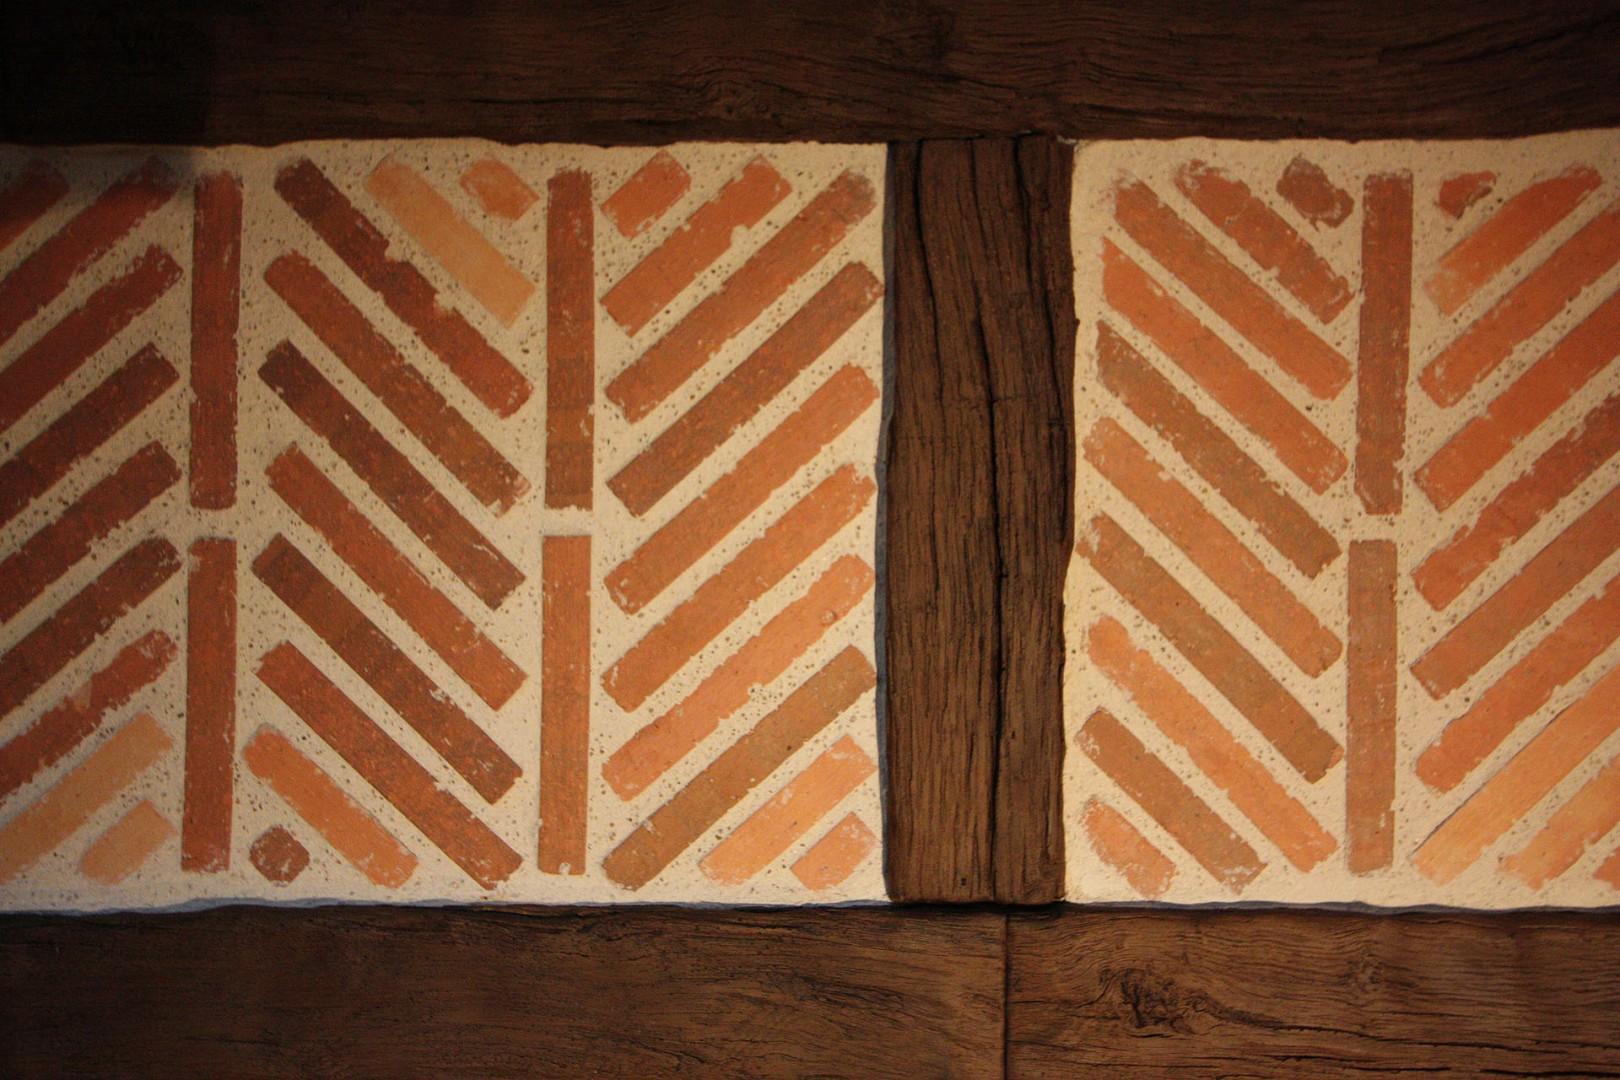 Briquettes de chemin es les terres cuites gillaizeaules for Plaquette de parement refractaire